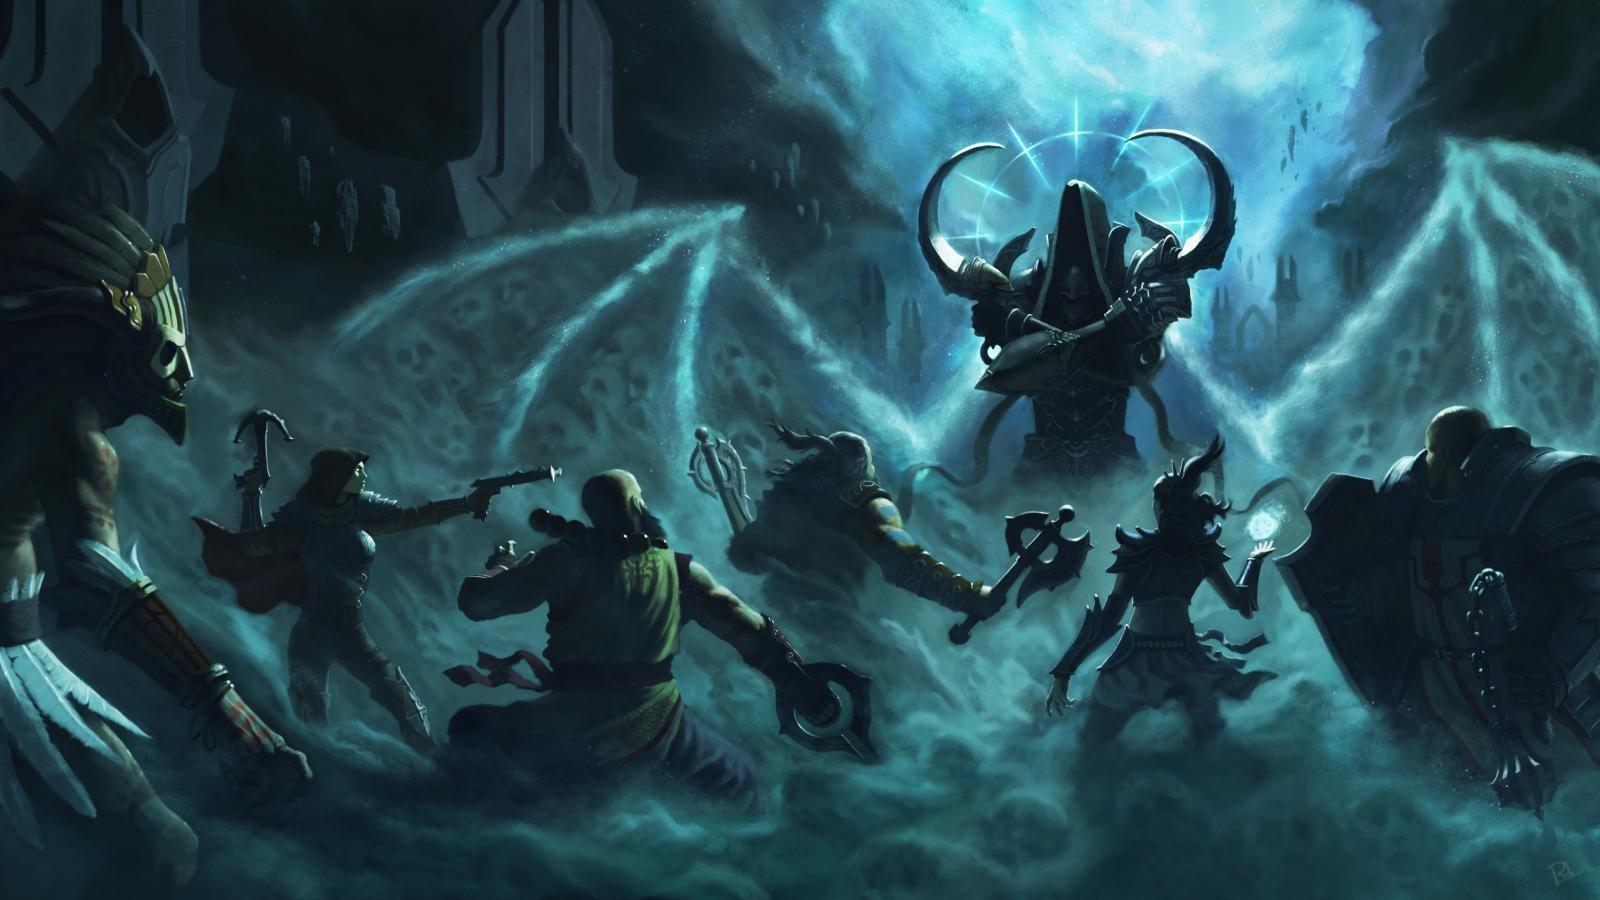 High Resolution Diablo 3 Reaper Of Souls Hd 1600x900